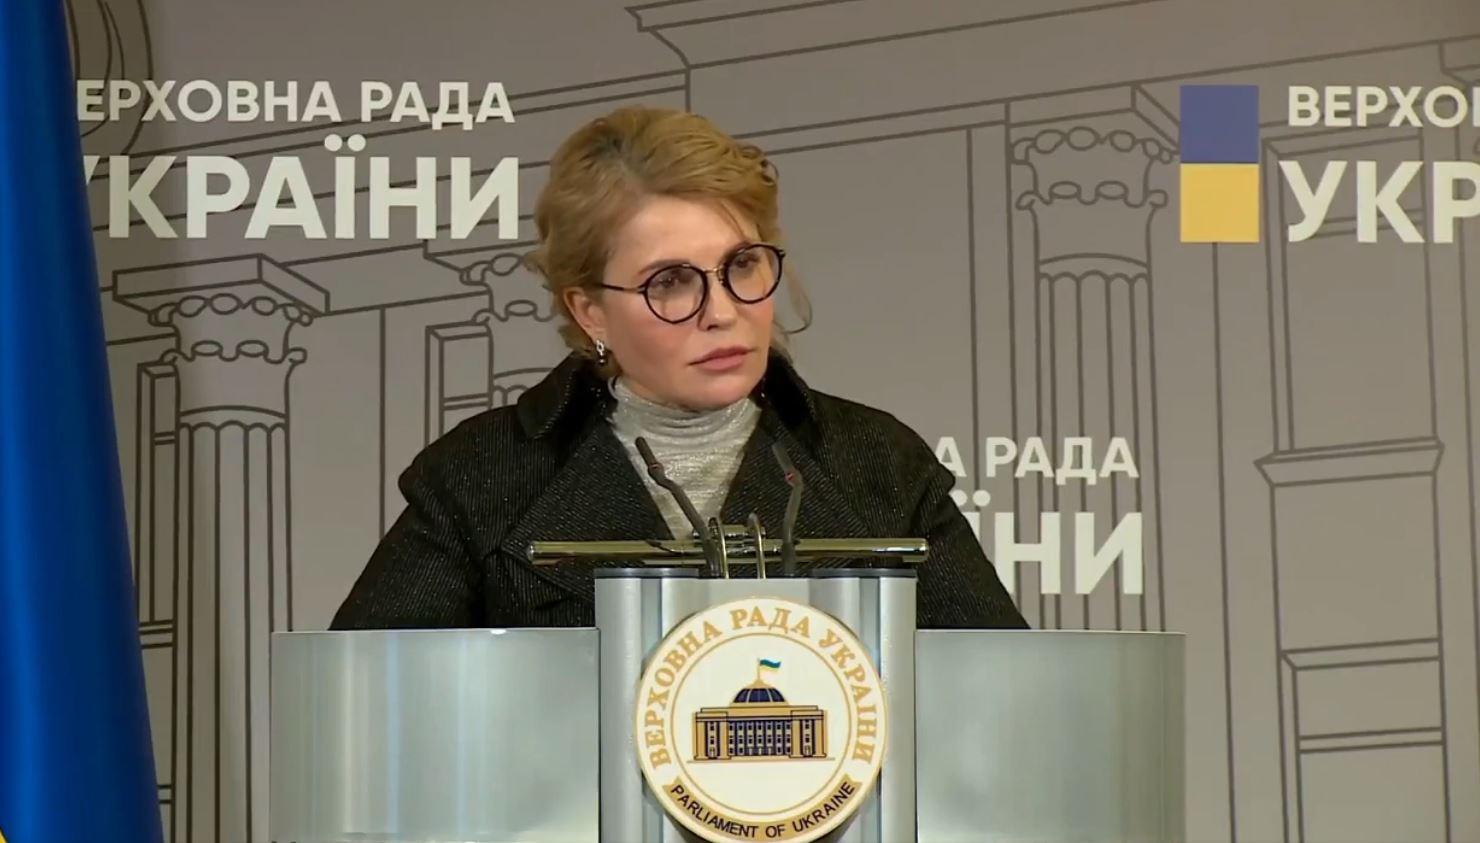 Тимошенко новий образ - дивитися фото нової зачіски   СЬОГОДНІ